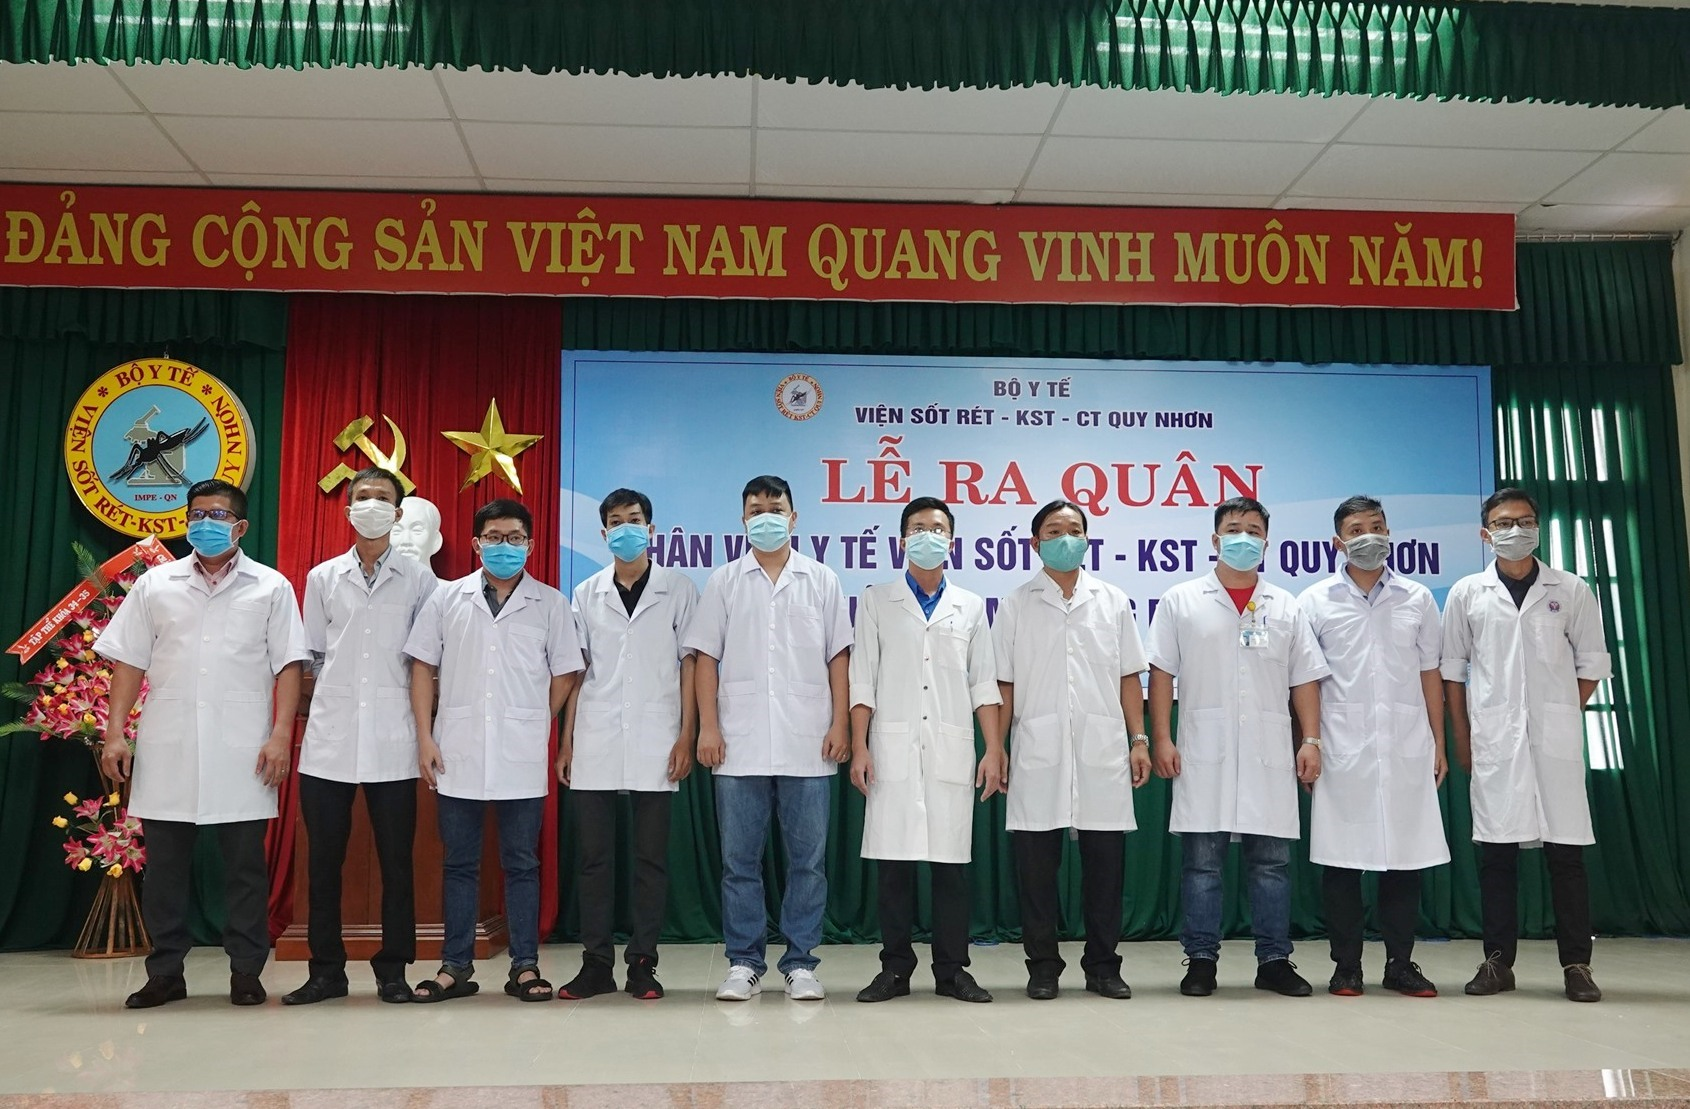 Nhiều đoàn công tác của các bệnh viện, cơ sở y tế cử lực lượng tăng cường cho Quảng Nam giúp nâng cao năng lực hoạt động trong phòng chống dịch Covid-19. Ảnh: H.T